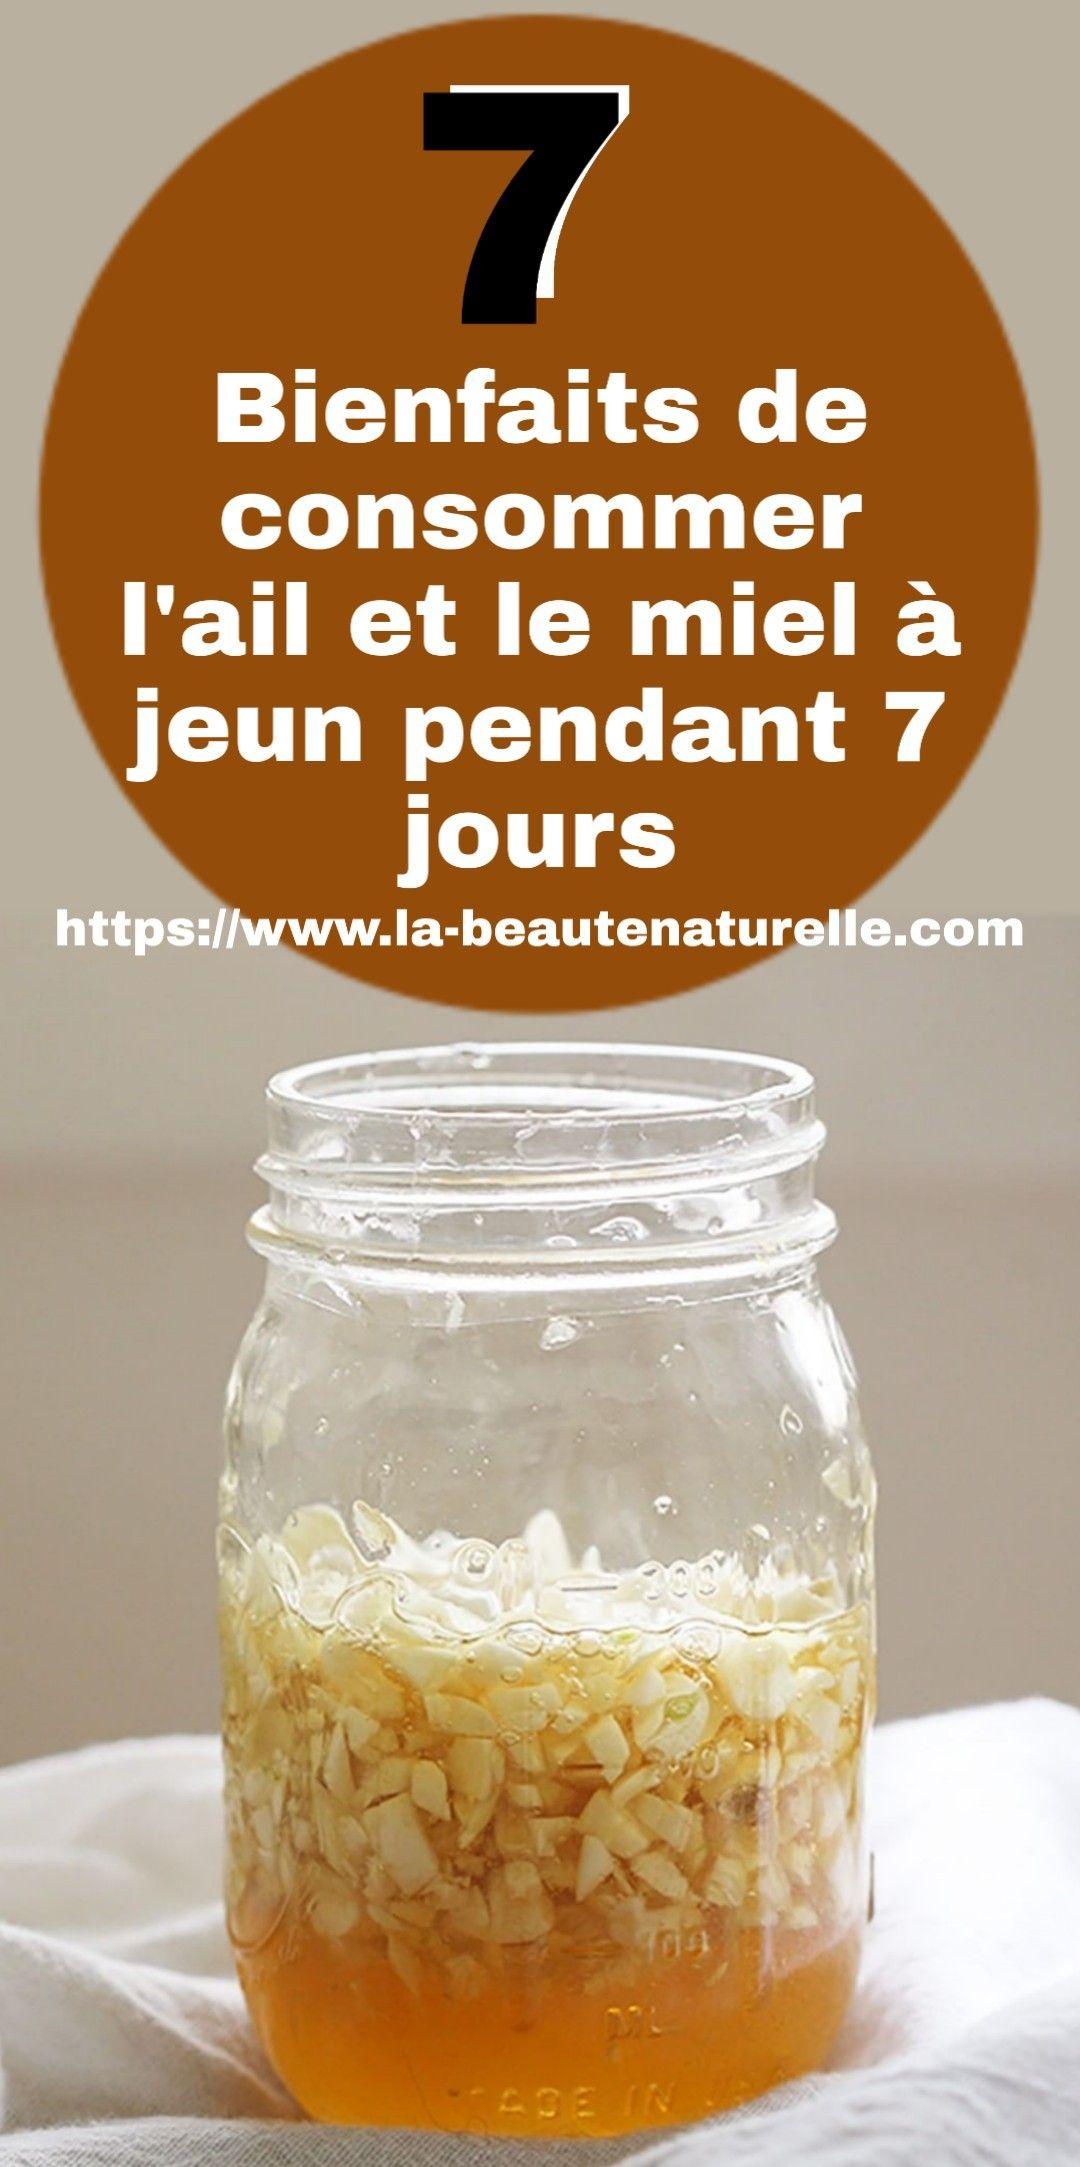 7 Bienfaits de consommer l'ail et le miel à jeun pendant 7